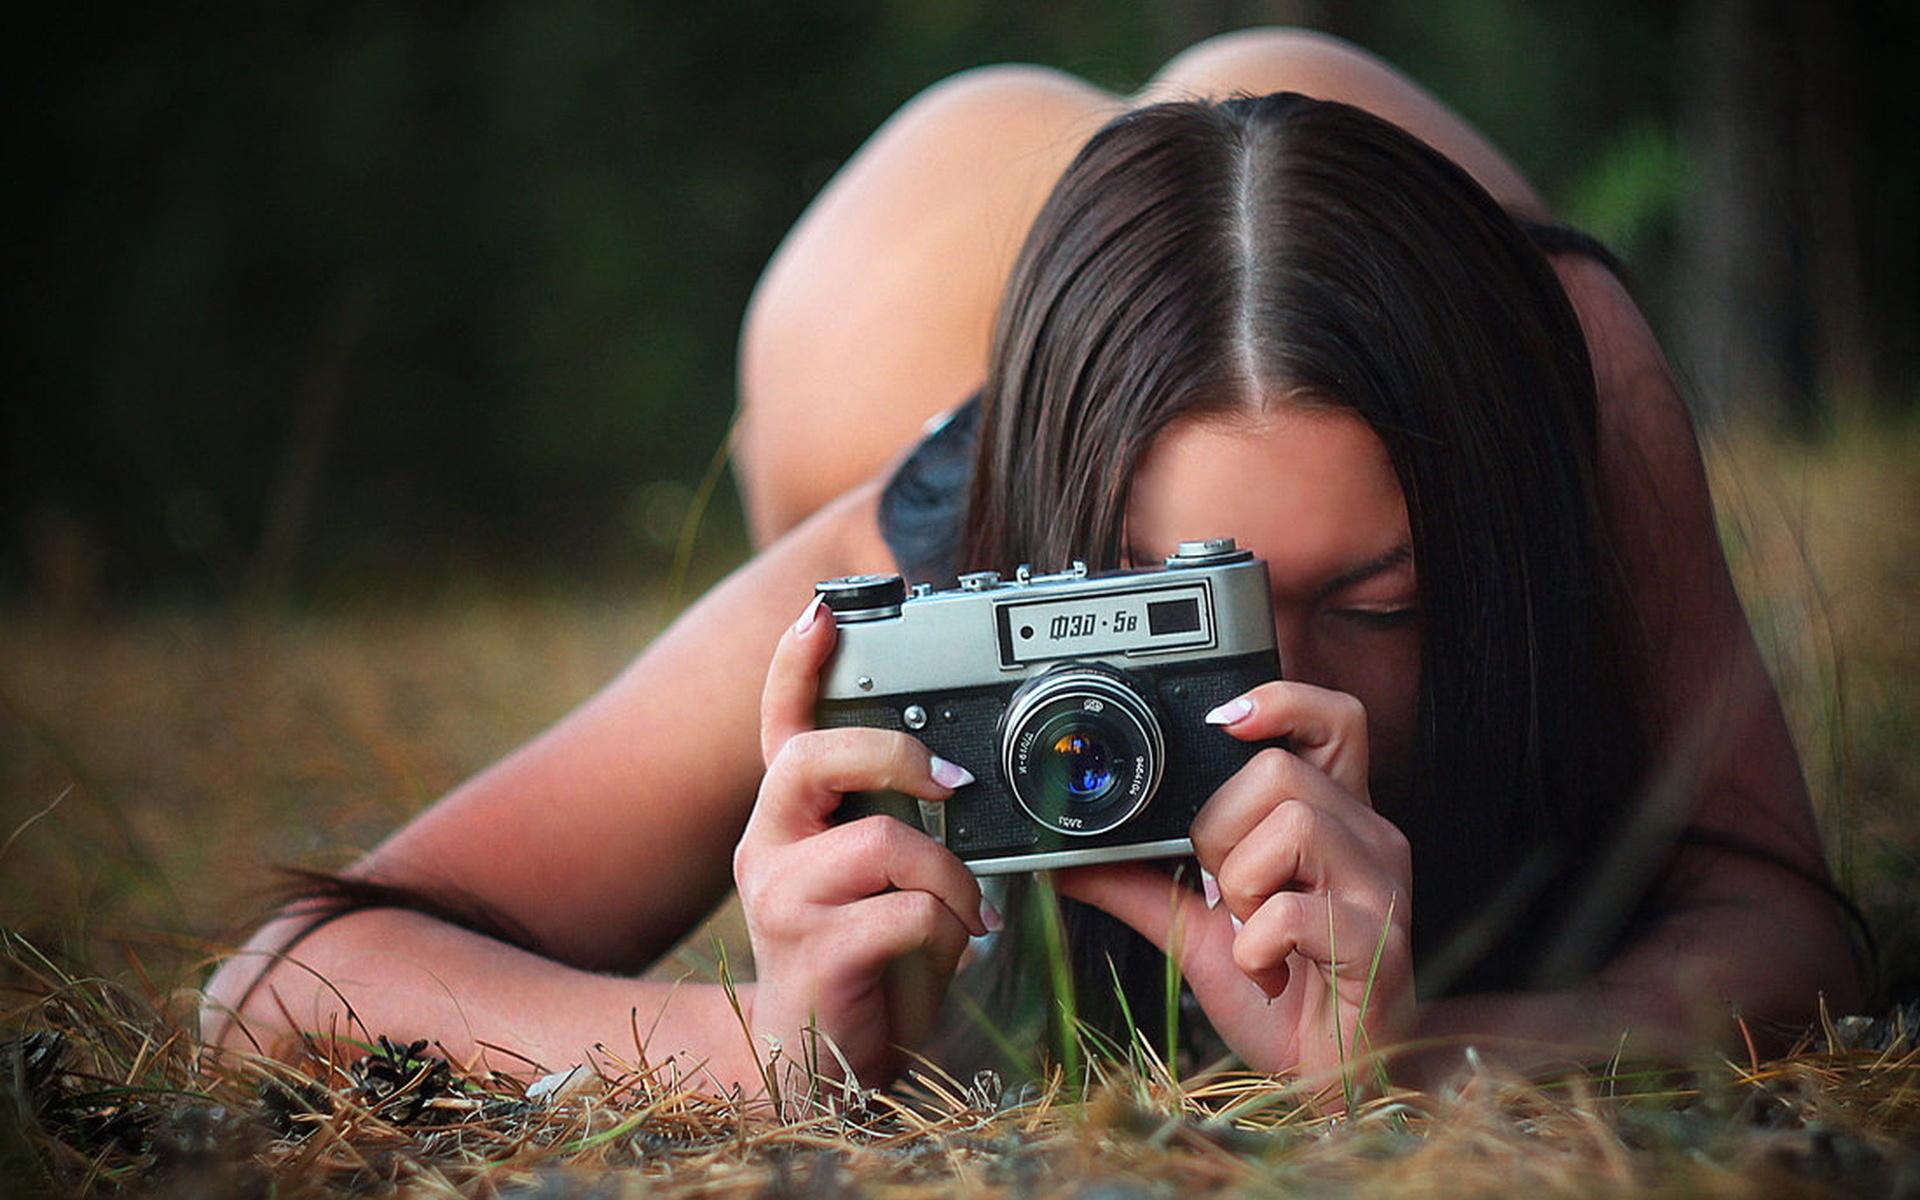 Голая брюнетка с фотоаппаратом #12